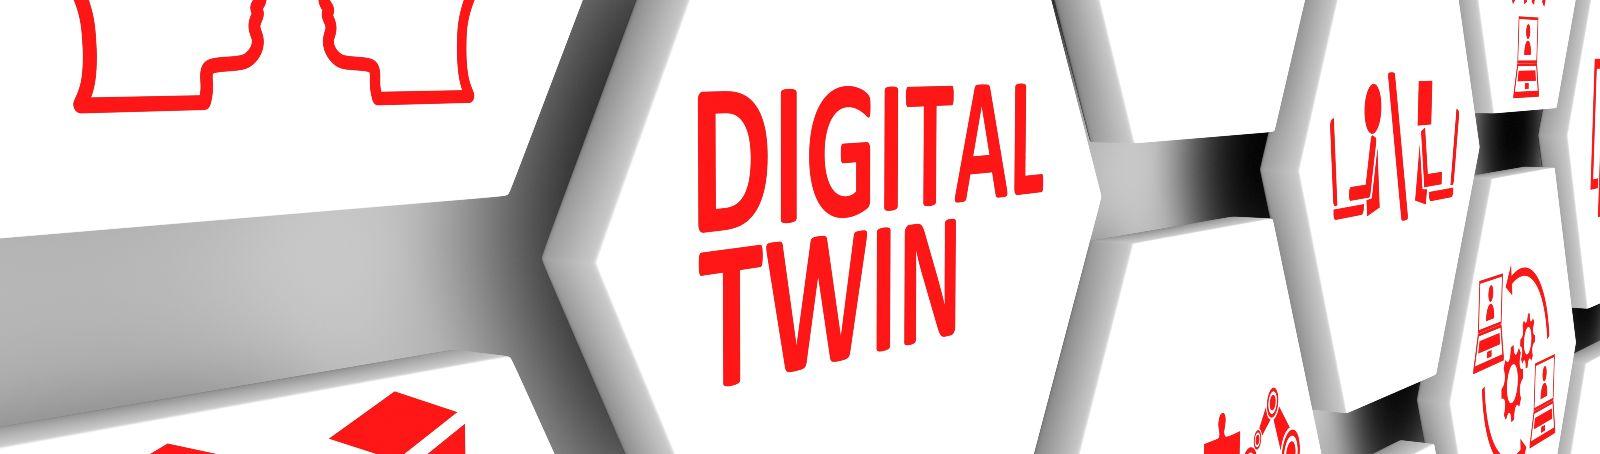 Im Projekt DZWI entwickeln die Partner einen digitalen Zwilling von Wärmeerzeugersystemen. Neben der TU Dresden sind die RWTH Aachen (E.ON Research Center), Glen Dimplex Deutschland sowie die Viessmann Werke Allendorf an dem Vorhaben beteiligt.